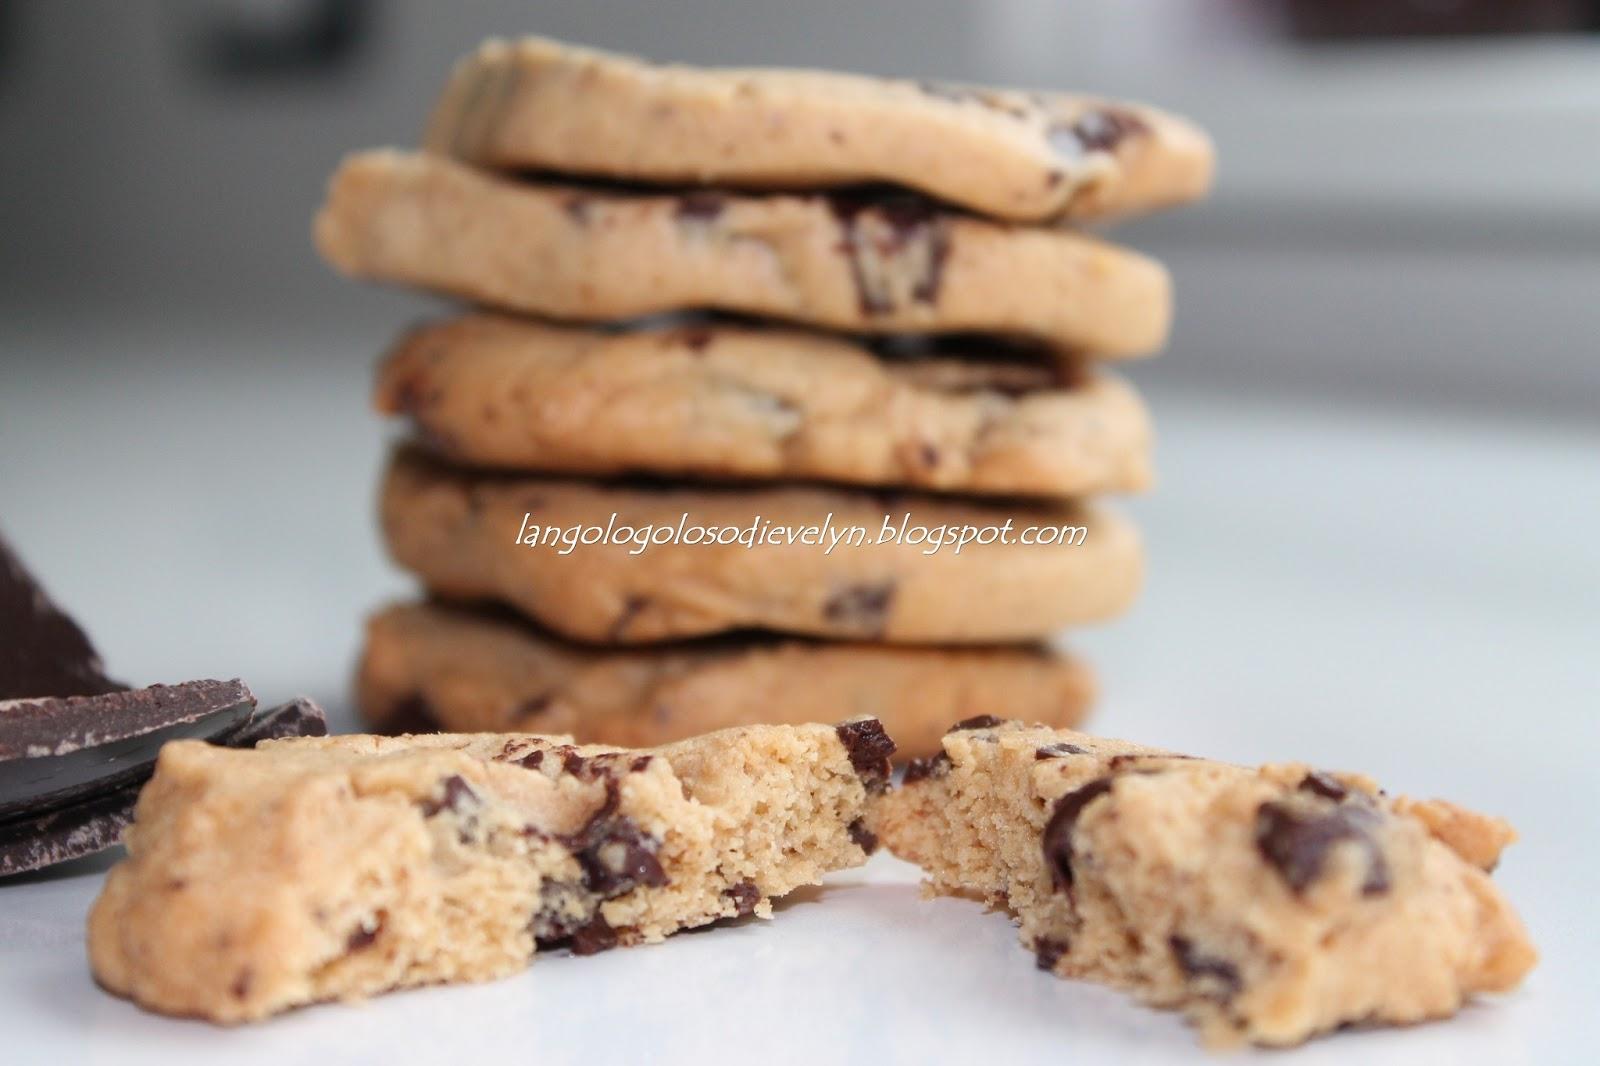 biscotti al burro d'arachidi e cioccolato...[attenzione, prima di consumarli, consultare il medico, possono creare dipendenza!]